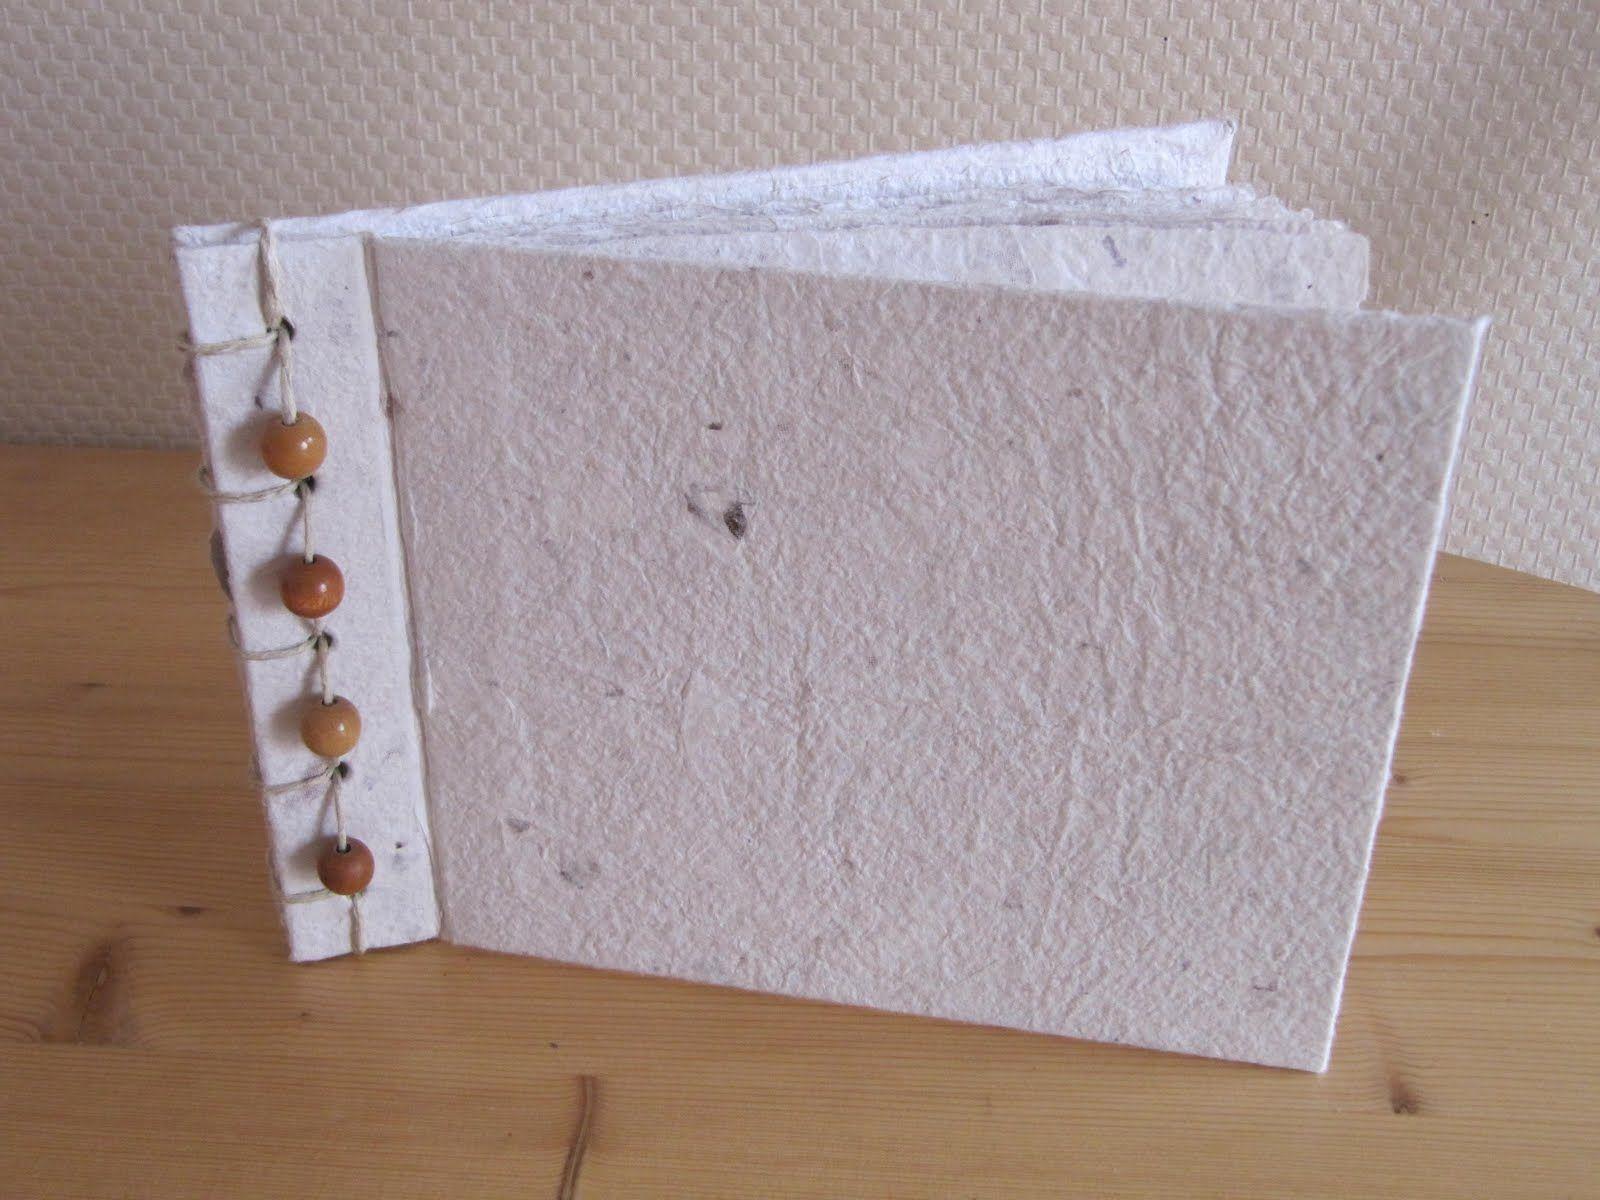 Boekje van geschept papier.  Workshop @ In den ateljee.